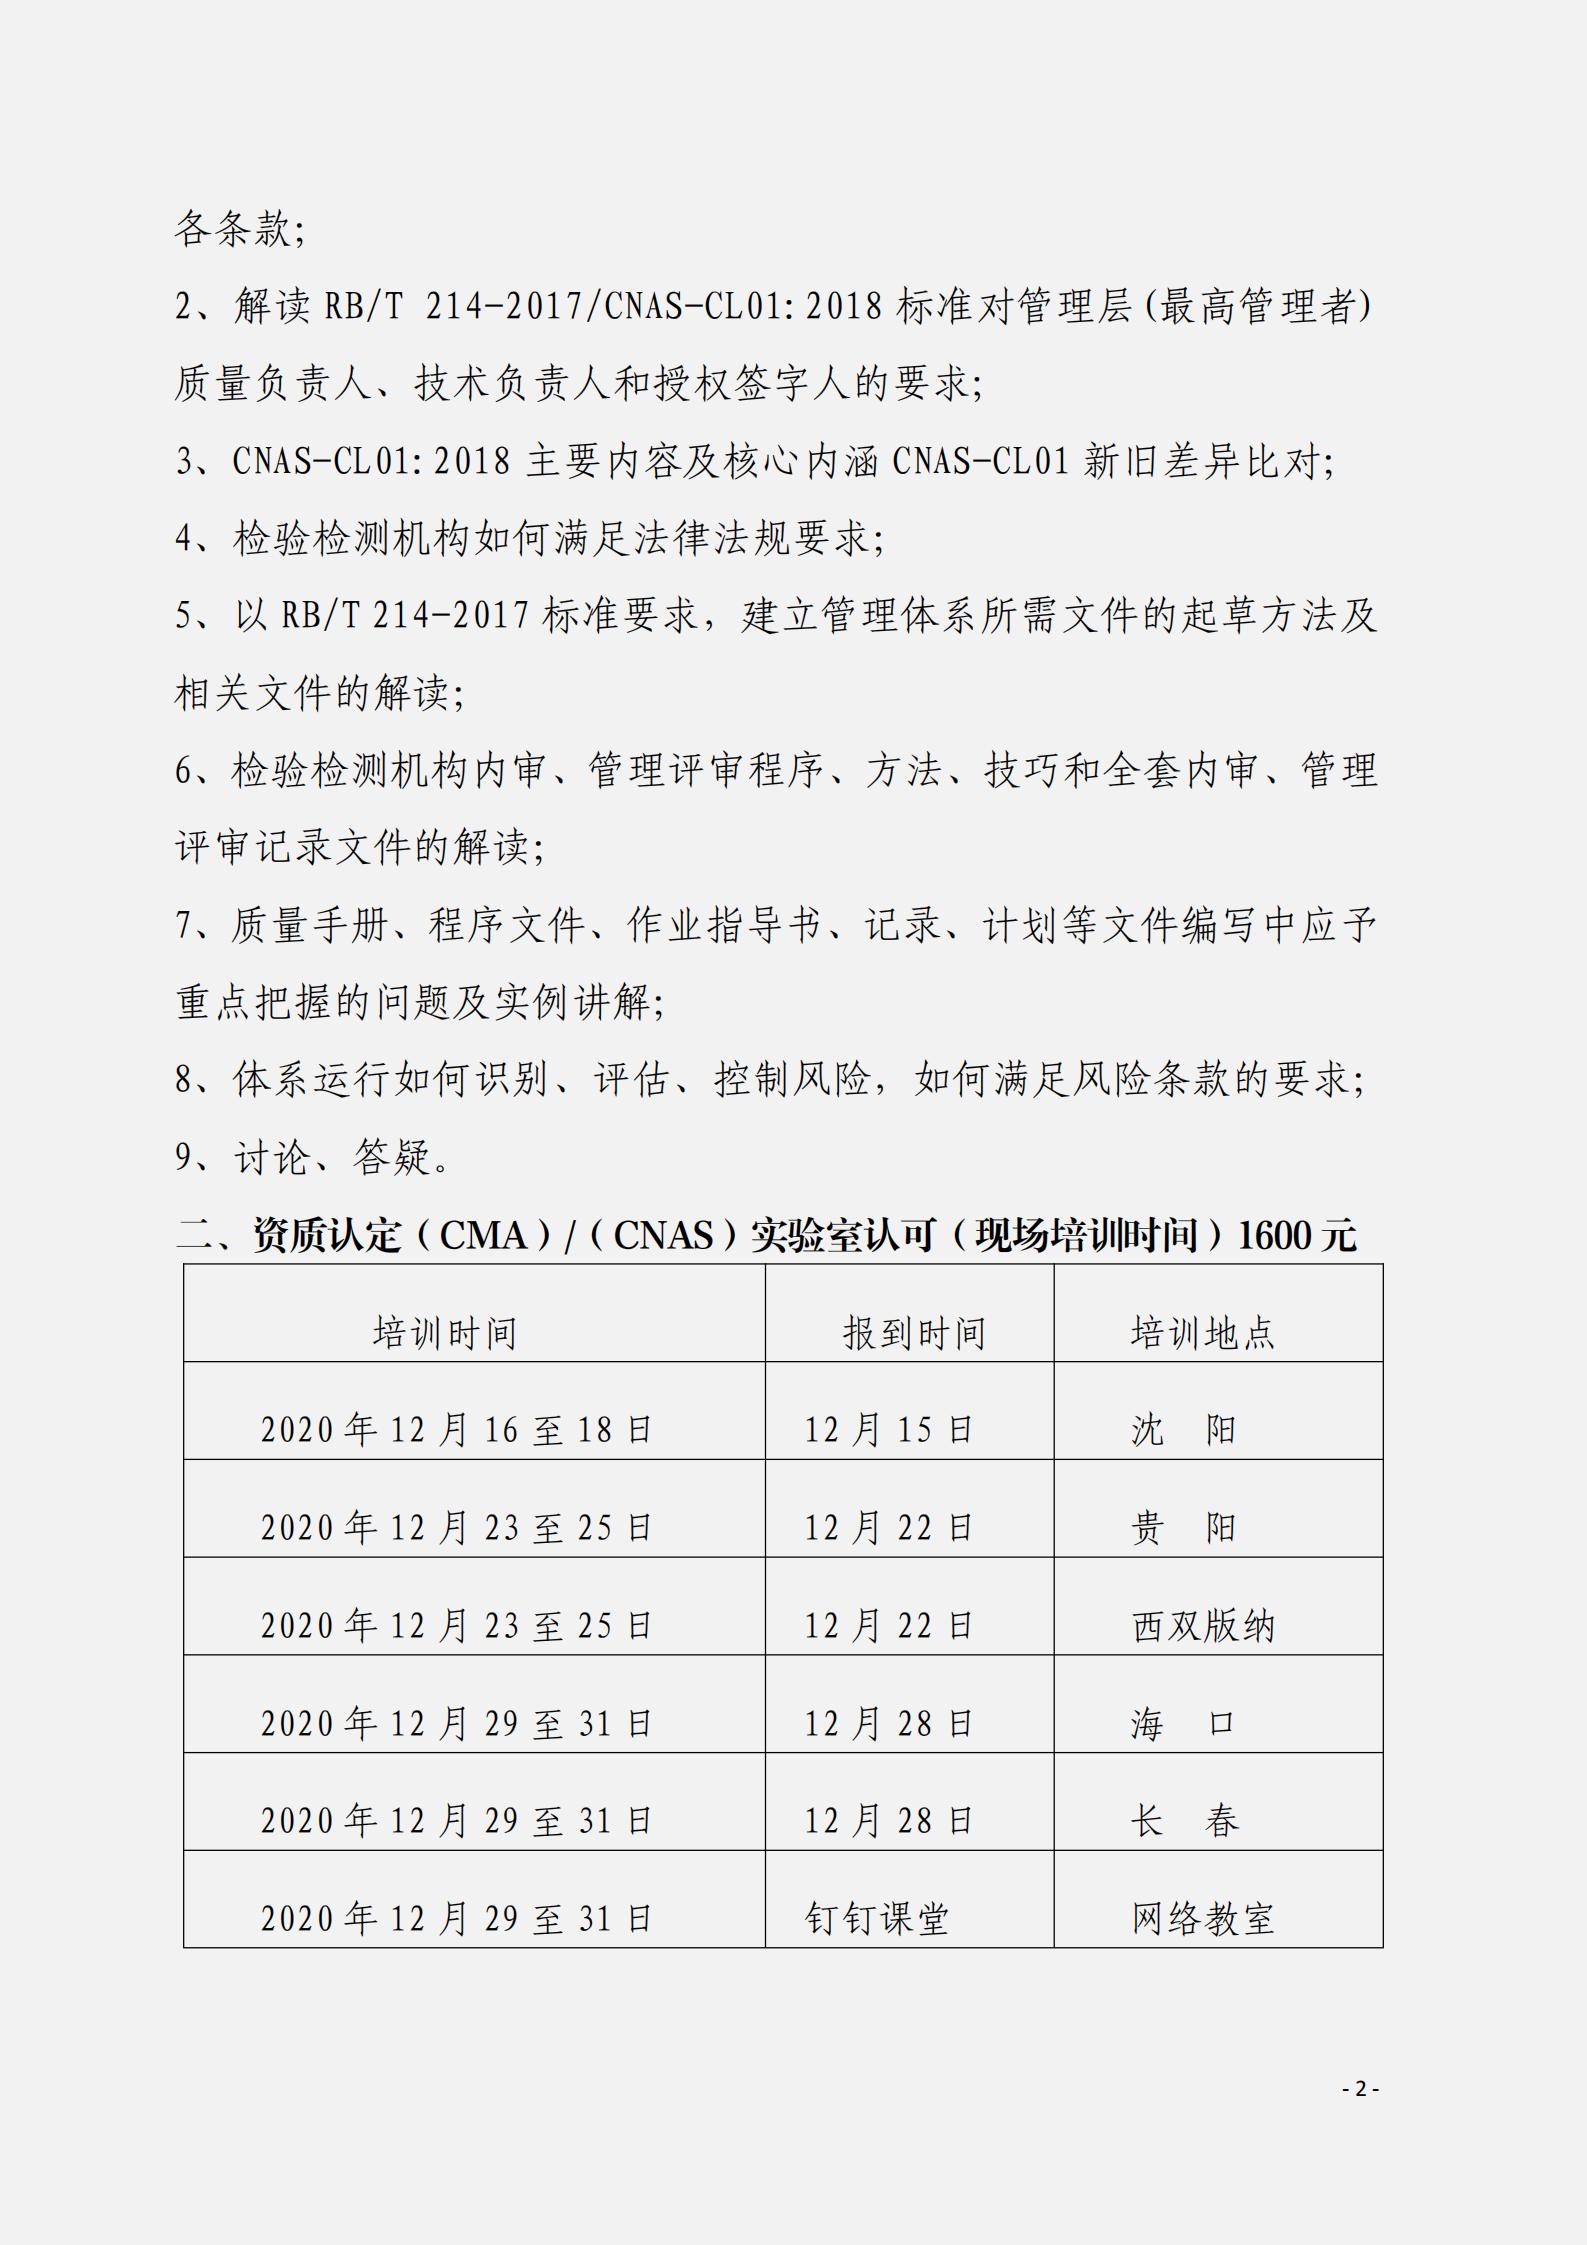 西双版纳 贵阳 沈阳 长春 哈尔滨文件_01.png